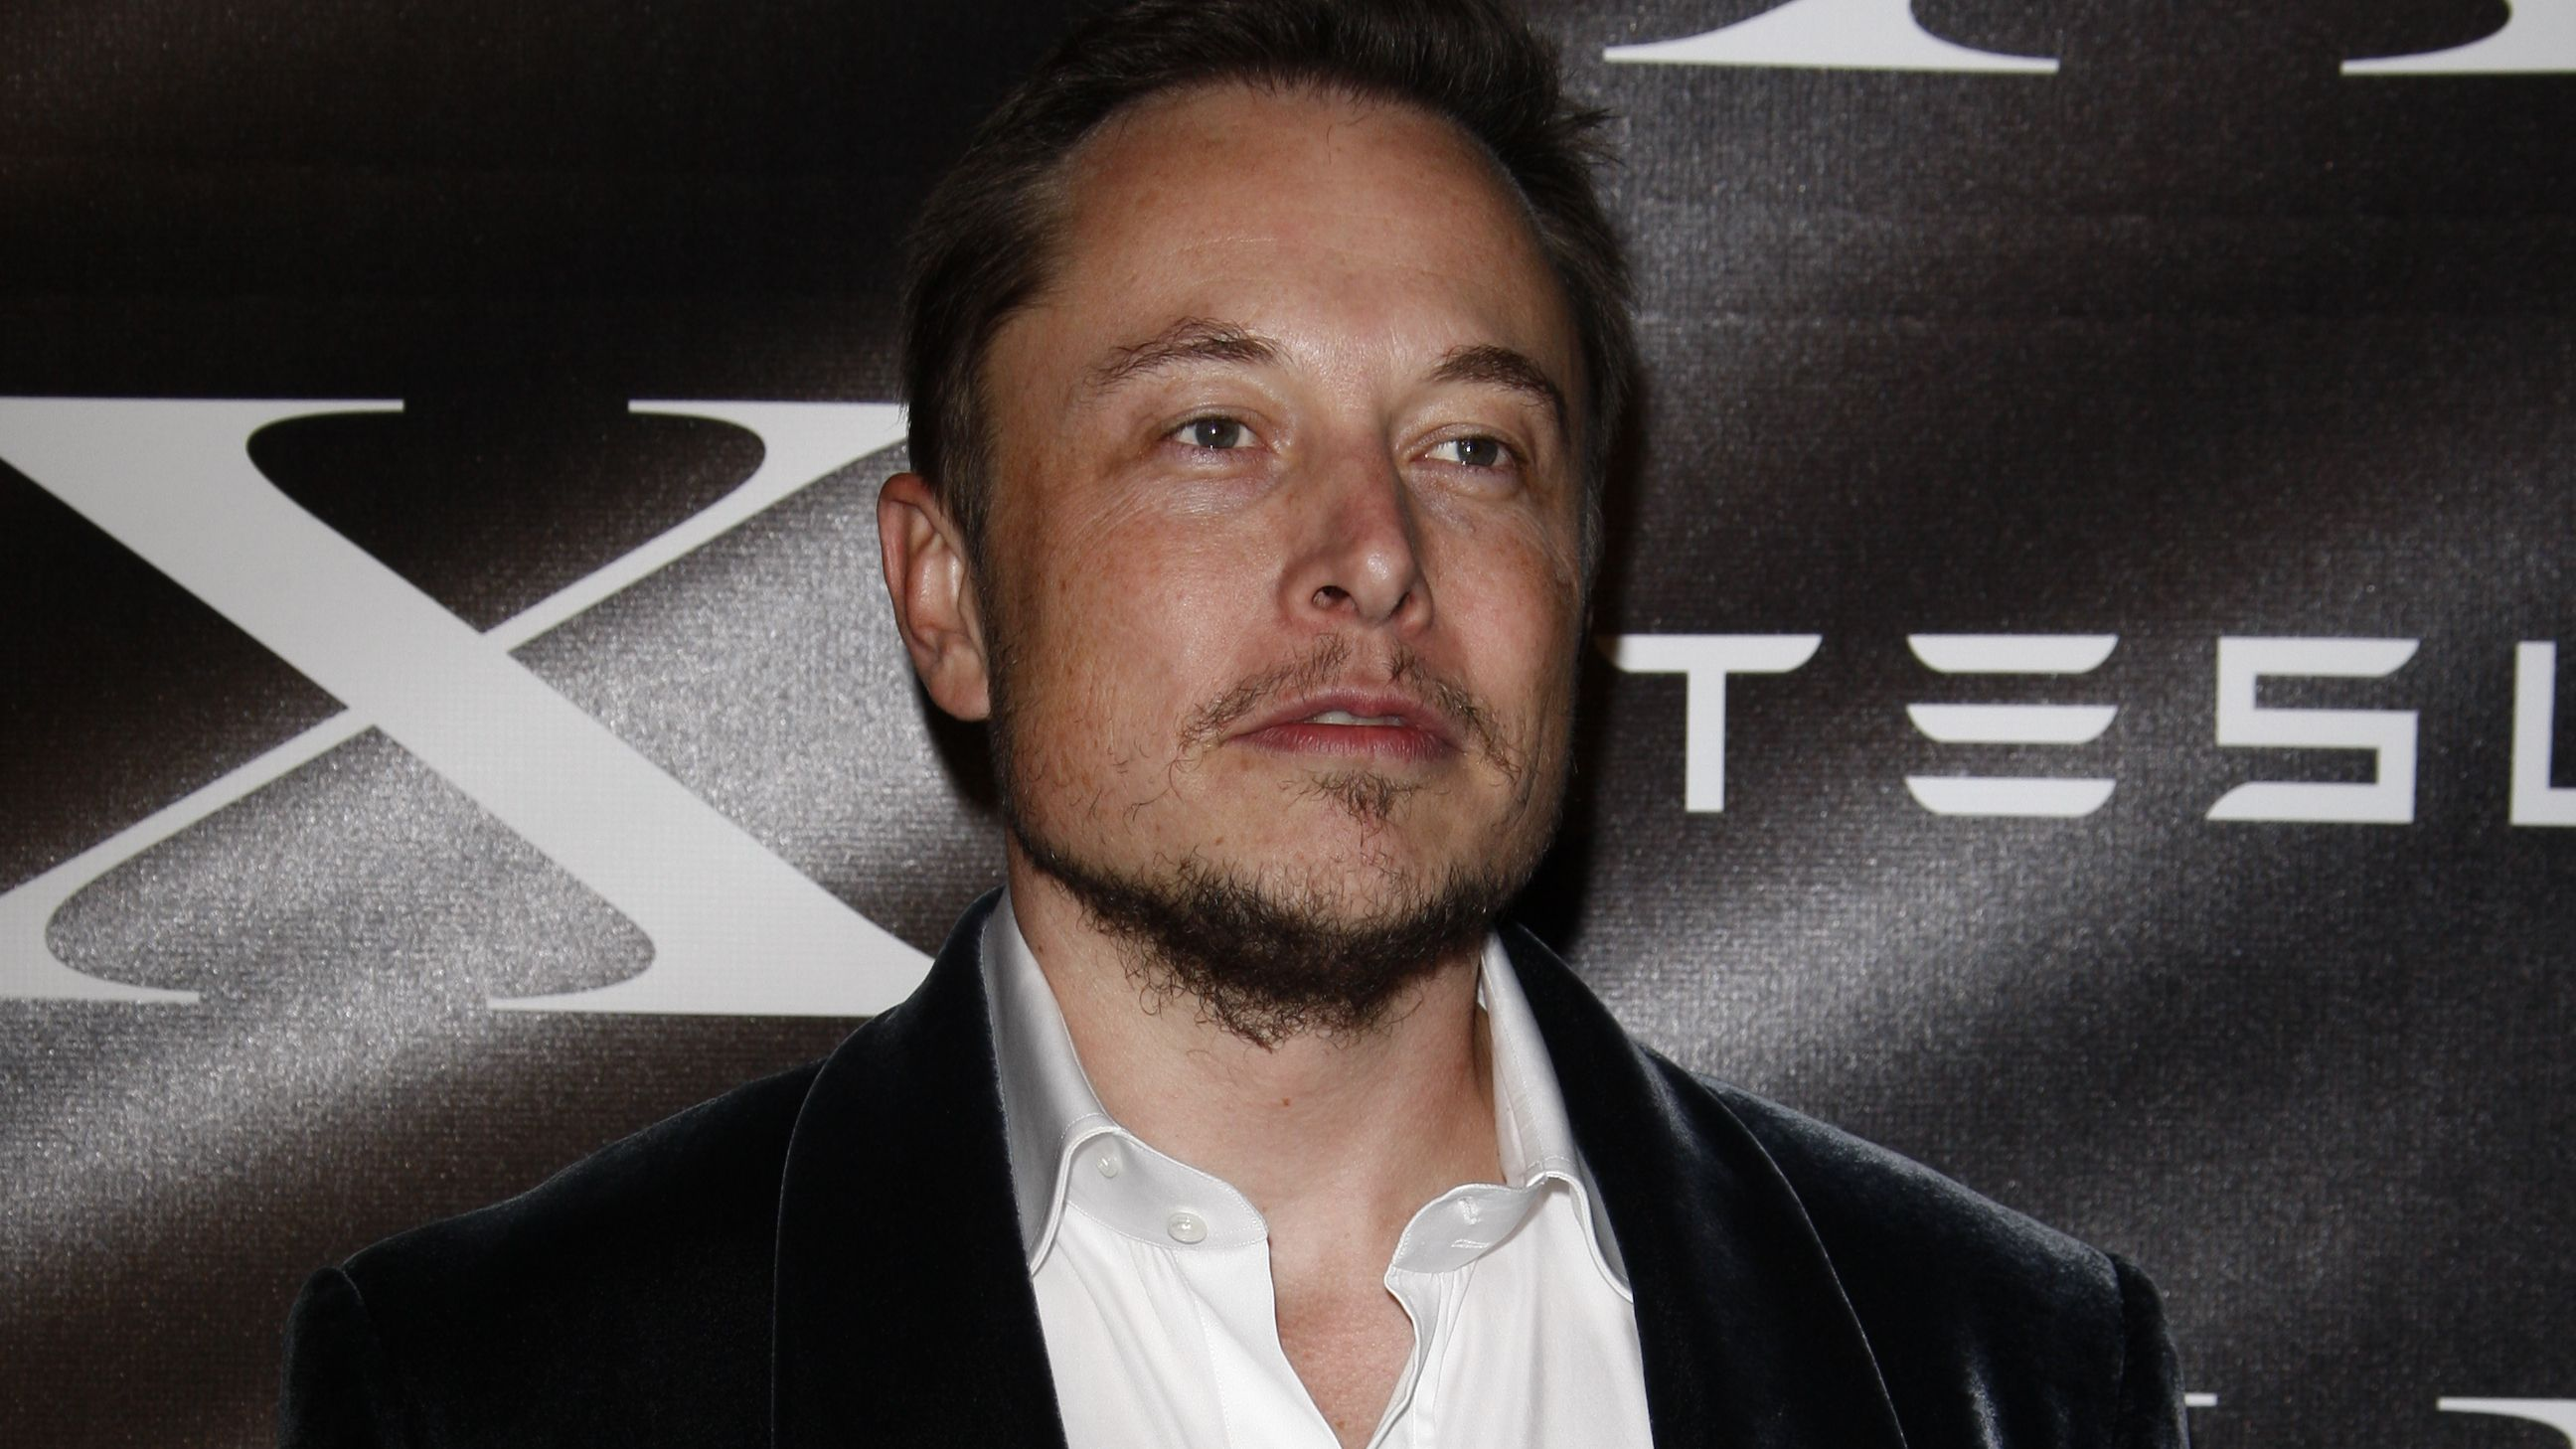 Bill Gates deler bekymringene til Tesla-grunnleggeren Elon Musk når det gjelder kunstig intelligens. Foto: Phil Stafford/Shutterstock.com